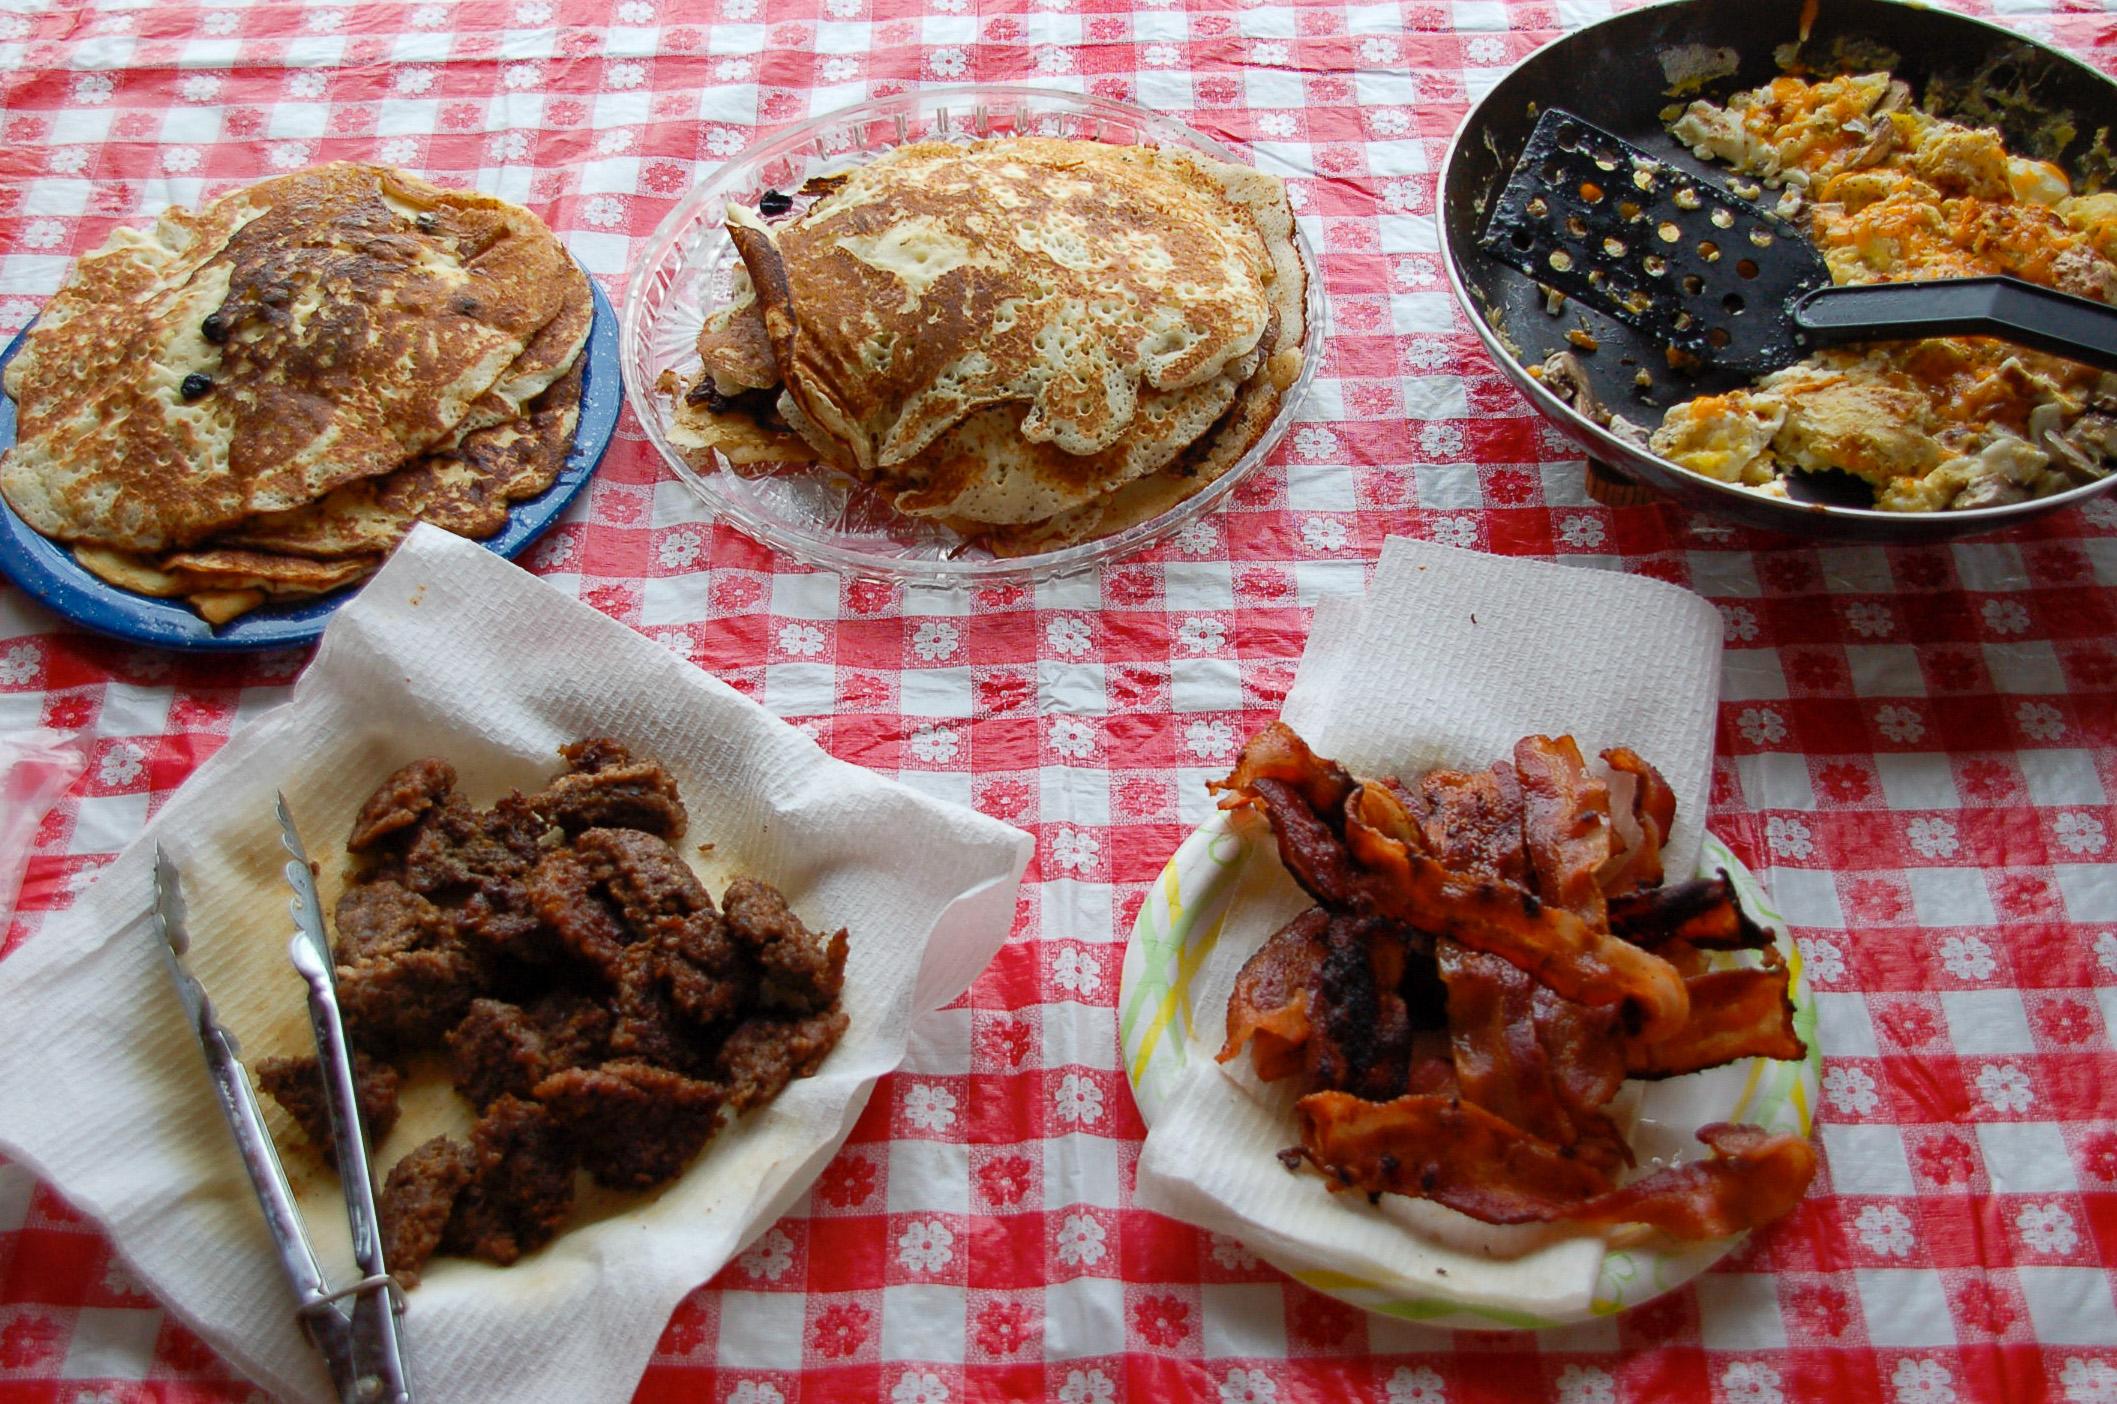 Herzhaftes Bauernfrühstück gehört zum Ranchurlaub in Amerika dazu